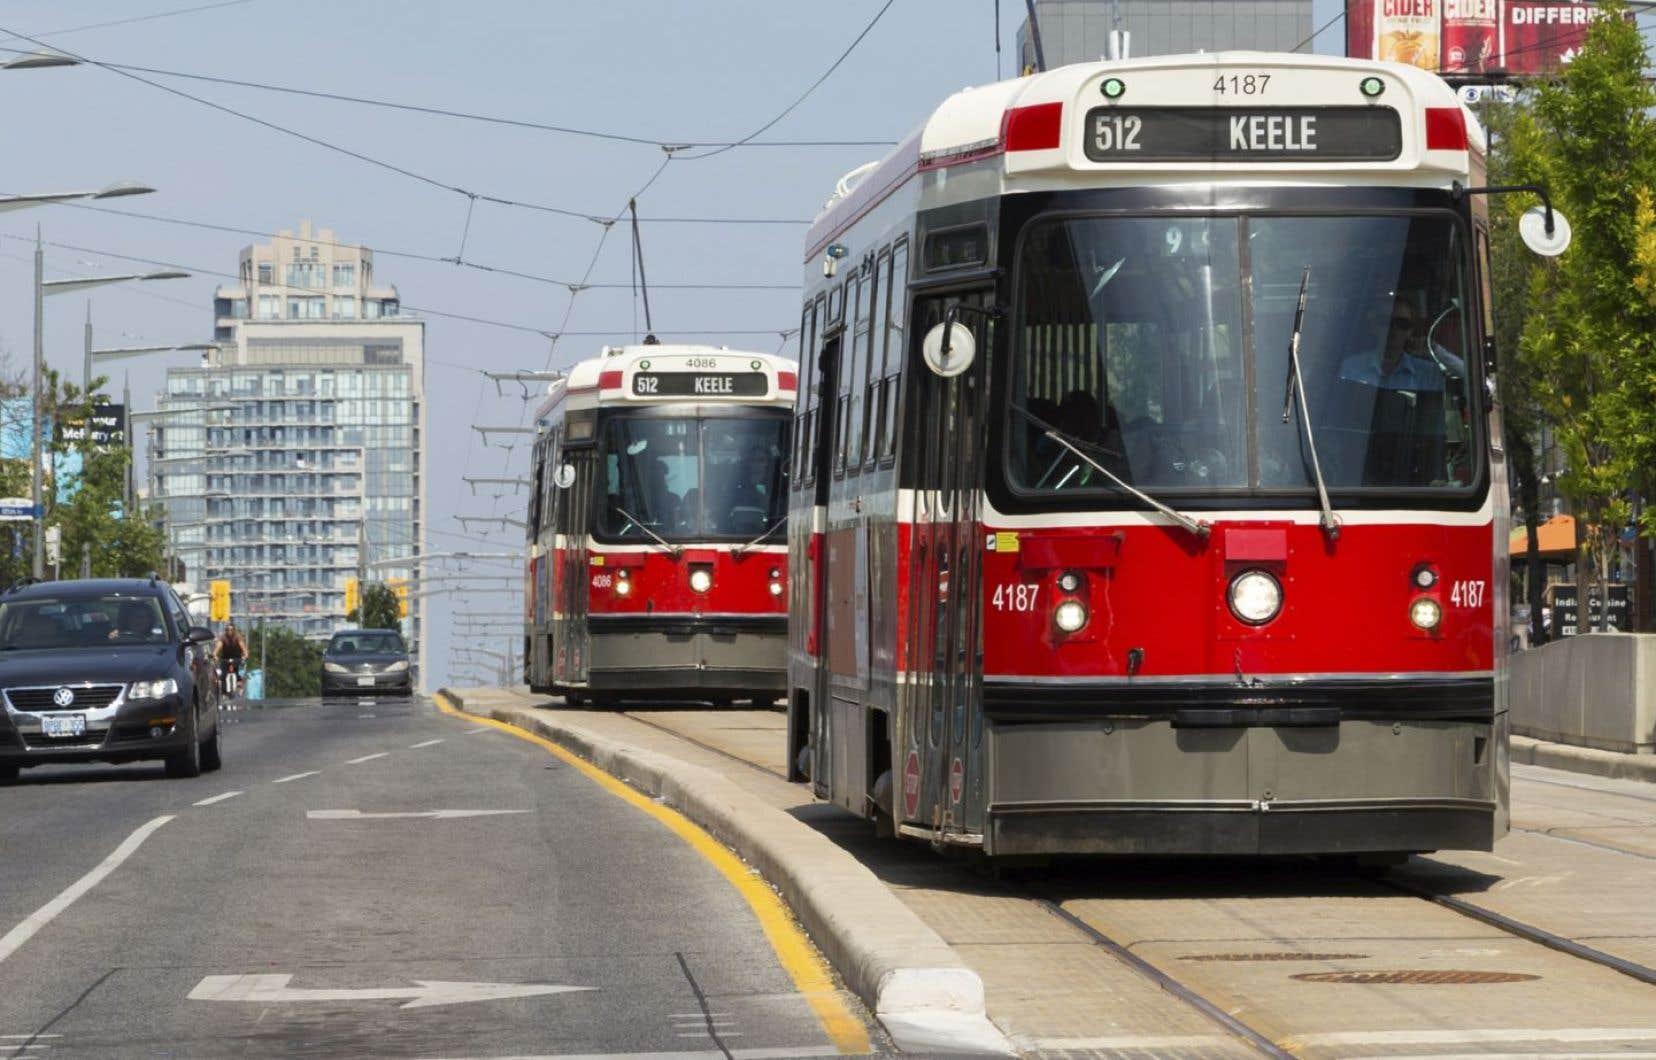 À Toronto, par exemple, il se construit maintenant dix fois plus de stations de tramway que de stations de métro.